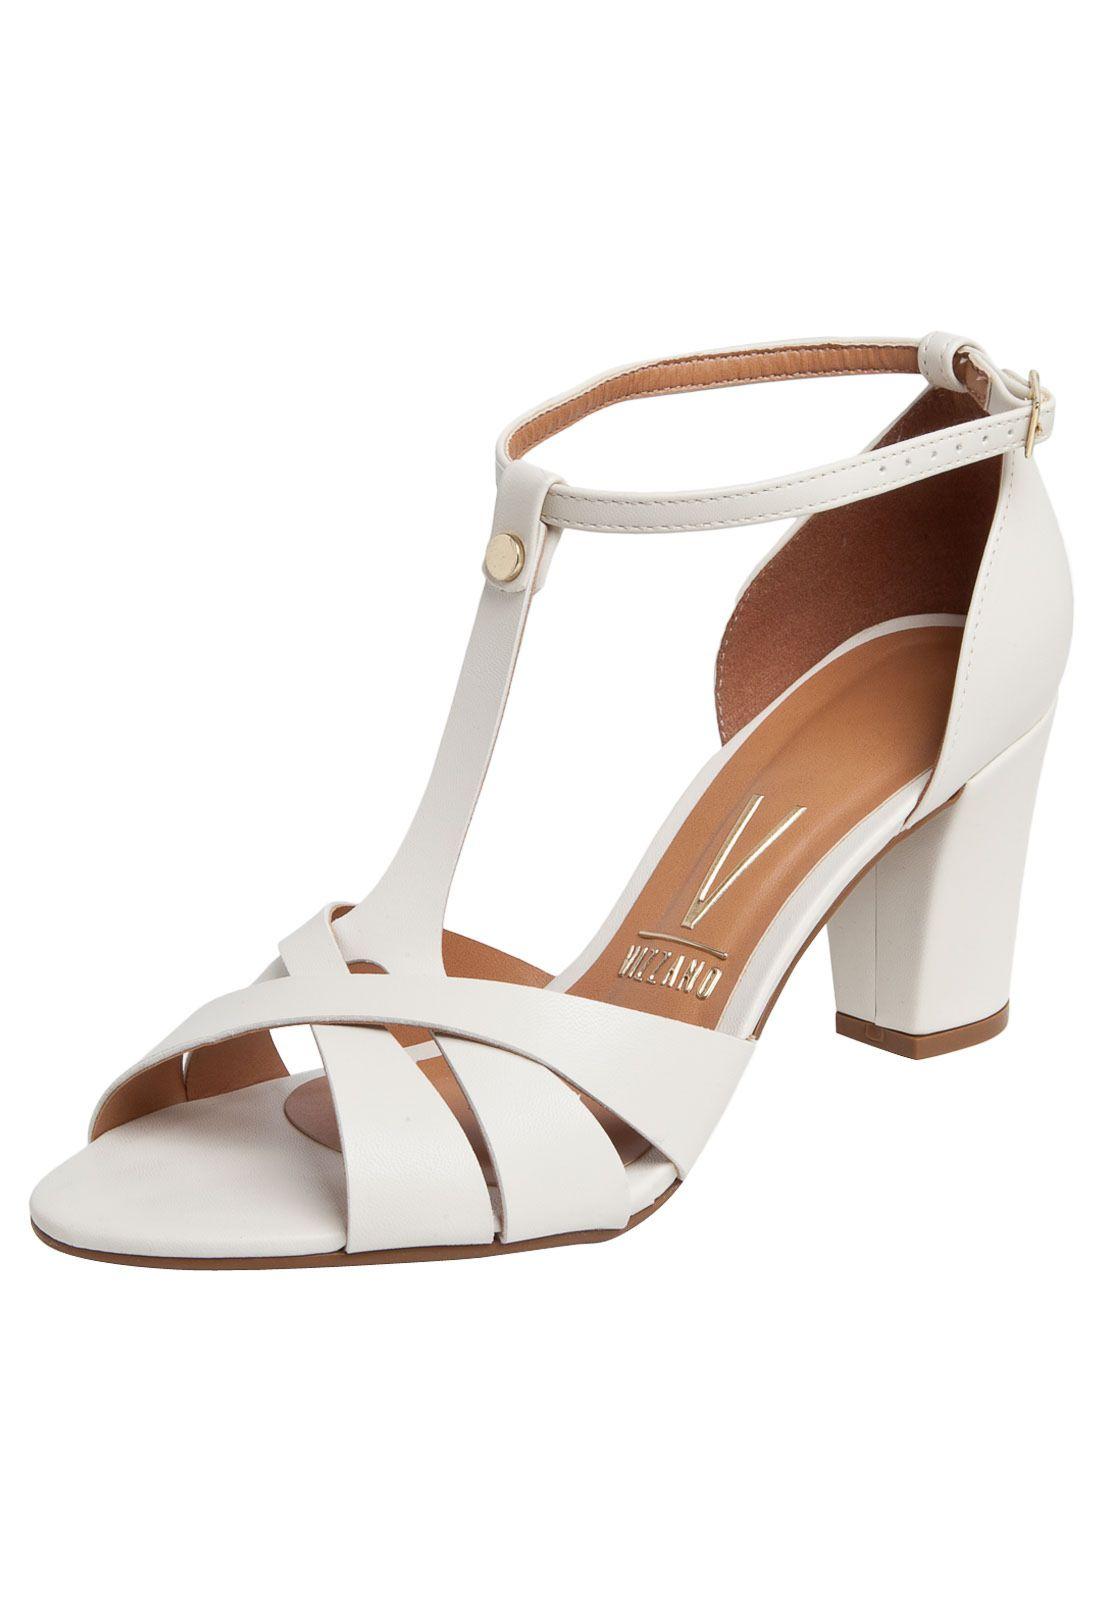 0ae88f29b5   sandals vizzano white for R 99